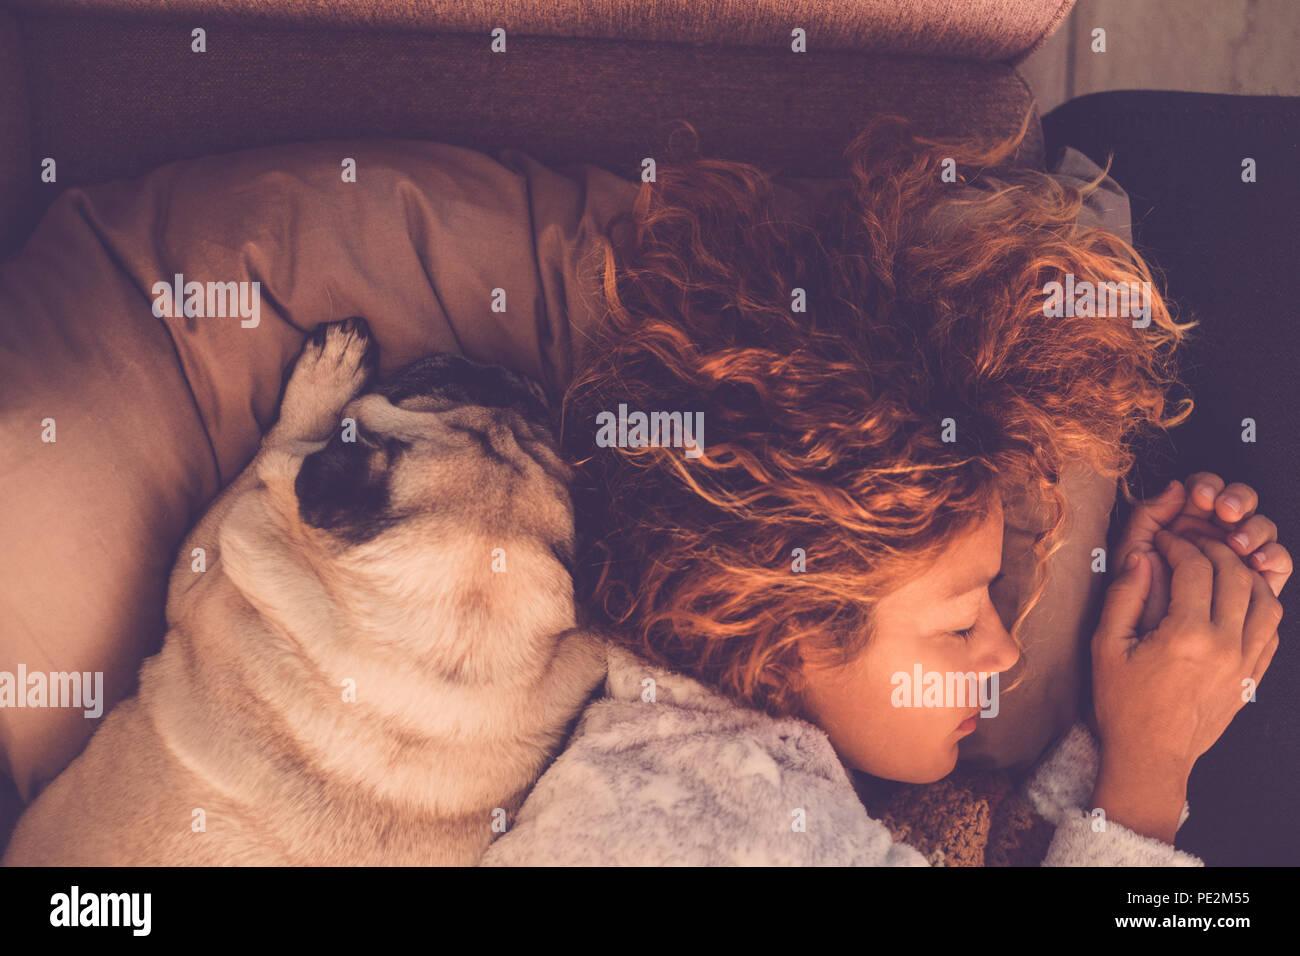 Freundschaft Konzepte für 40s Frau schlafen mit Ihrem besten Freunden mops Hund zu Hause. Sowohl auf dem Kissen und Braun, warmen Farbtönen. Träumen zusammen. Liebe und Stockbild